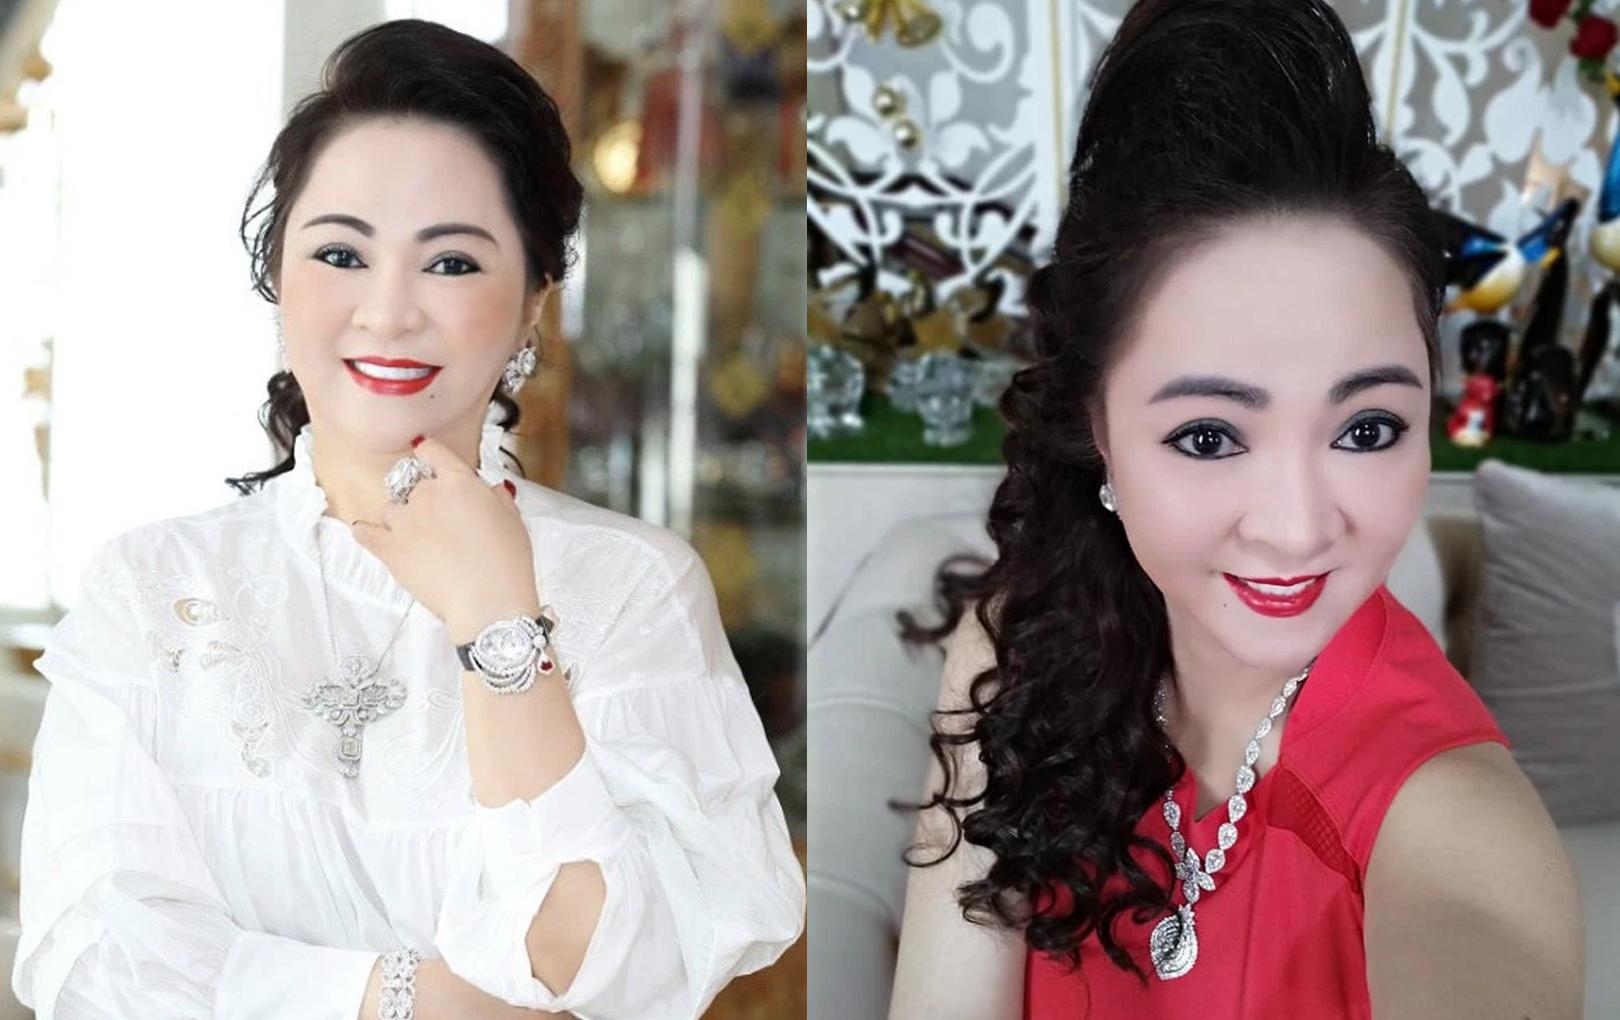 """Bà chủ Đại Nam bất ngờ bị netizen """"tóm sống"""" khi đang đi ngoài đường: Nhan sắc khác gì ảnh ọt trên mạng?"""